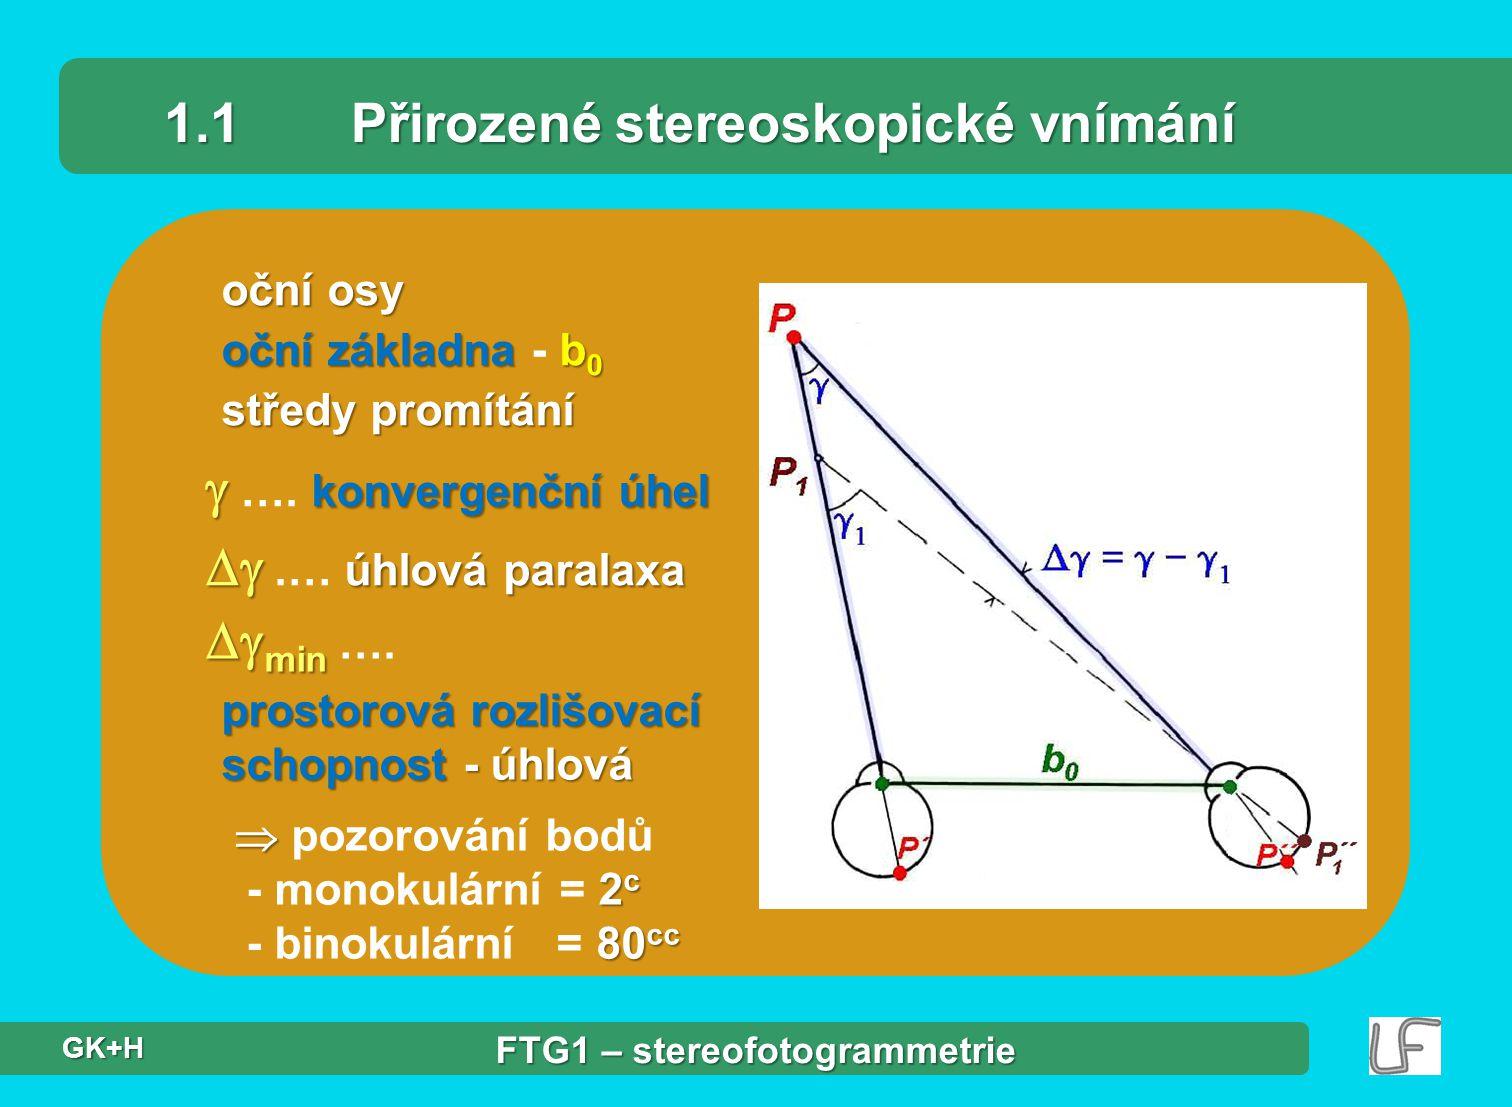 1.1 Přirozené stereoskopické vnímání